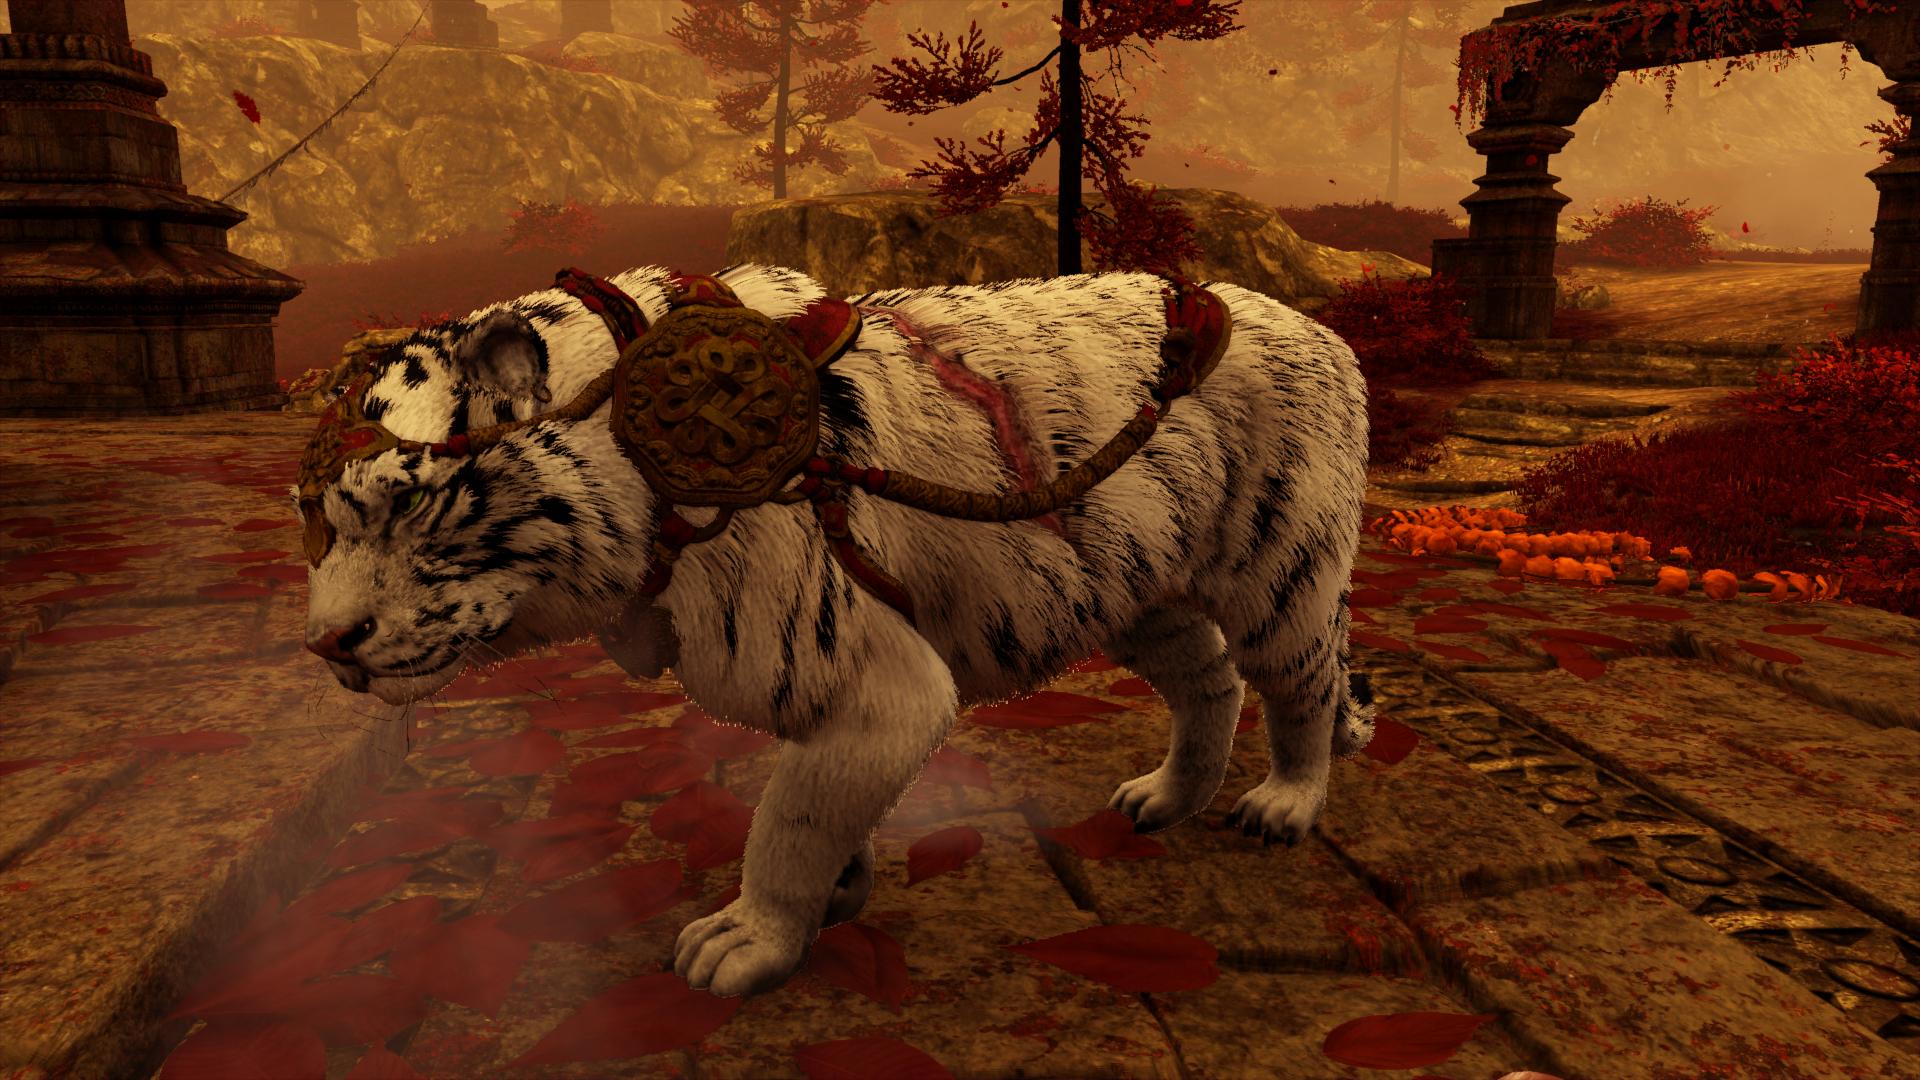 картинки тигров из игр этот раз